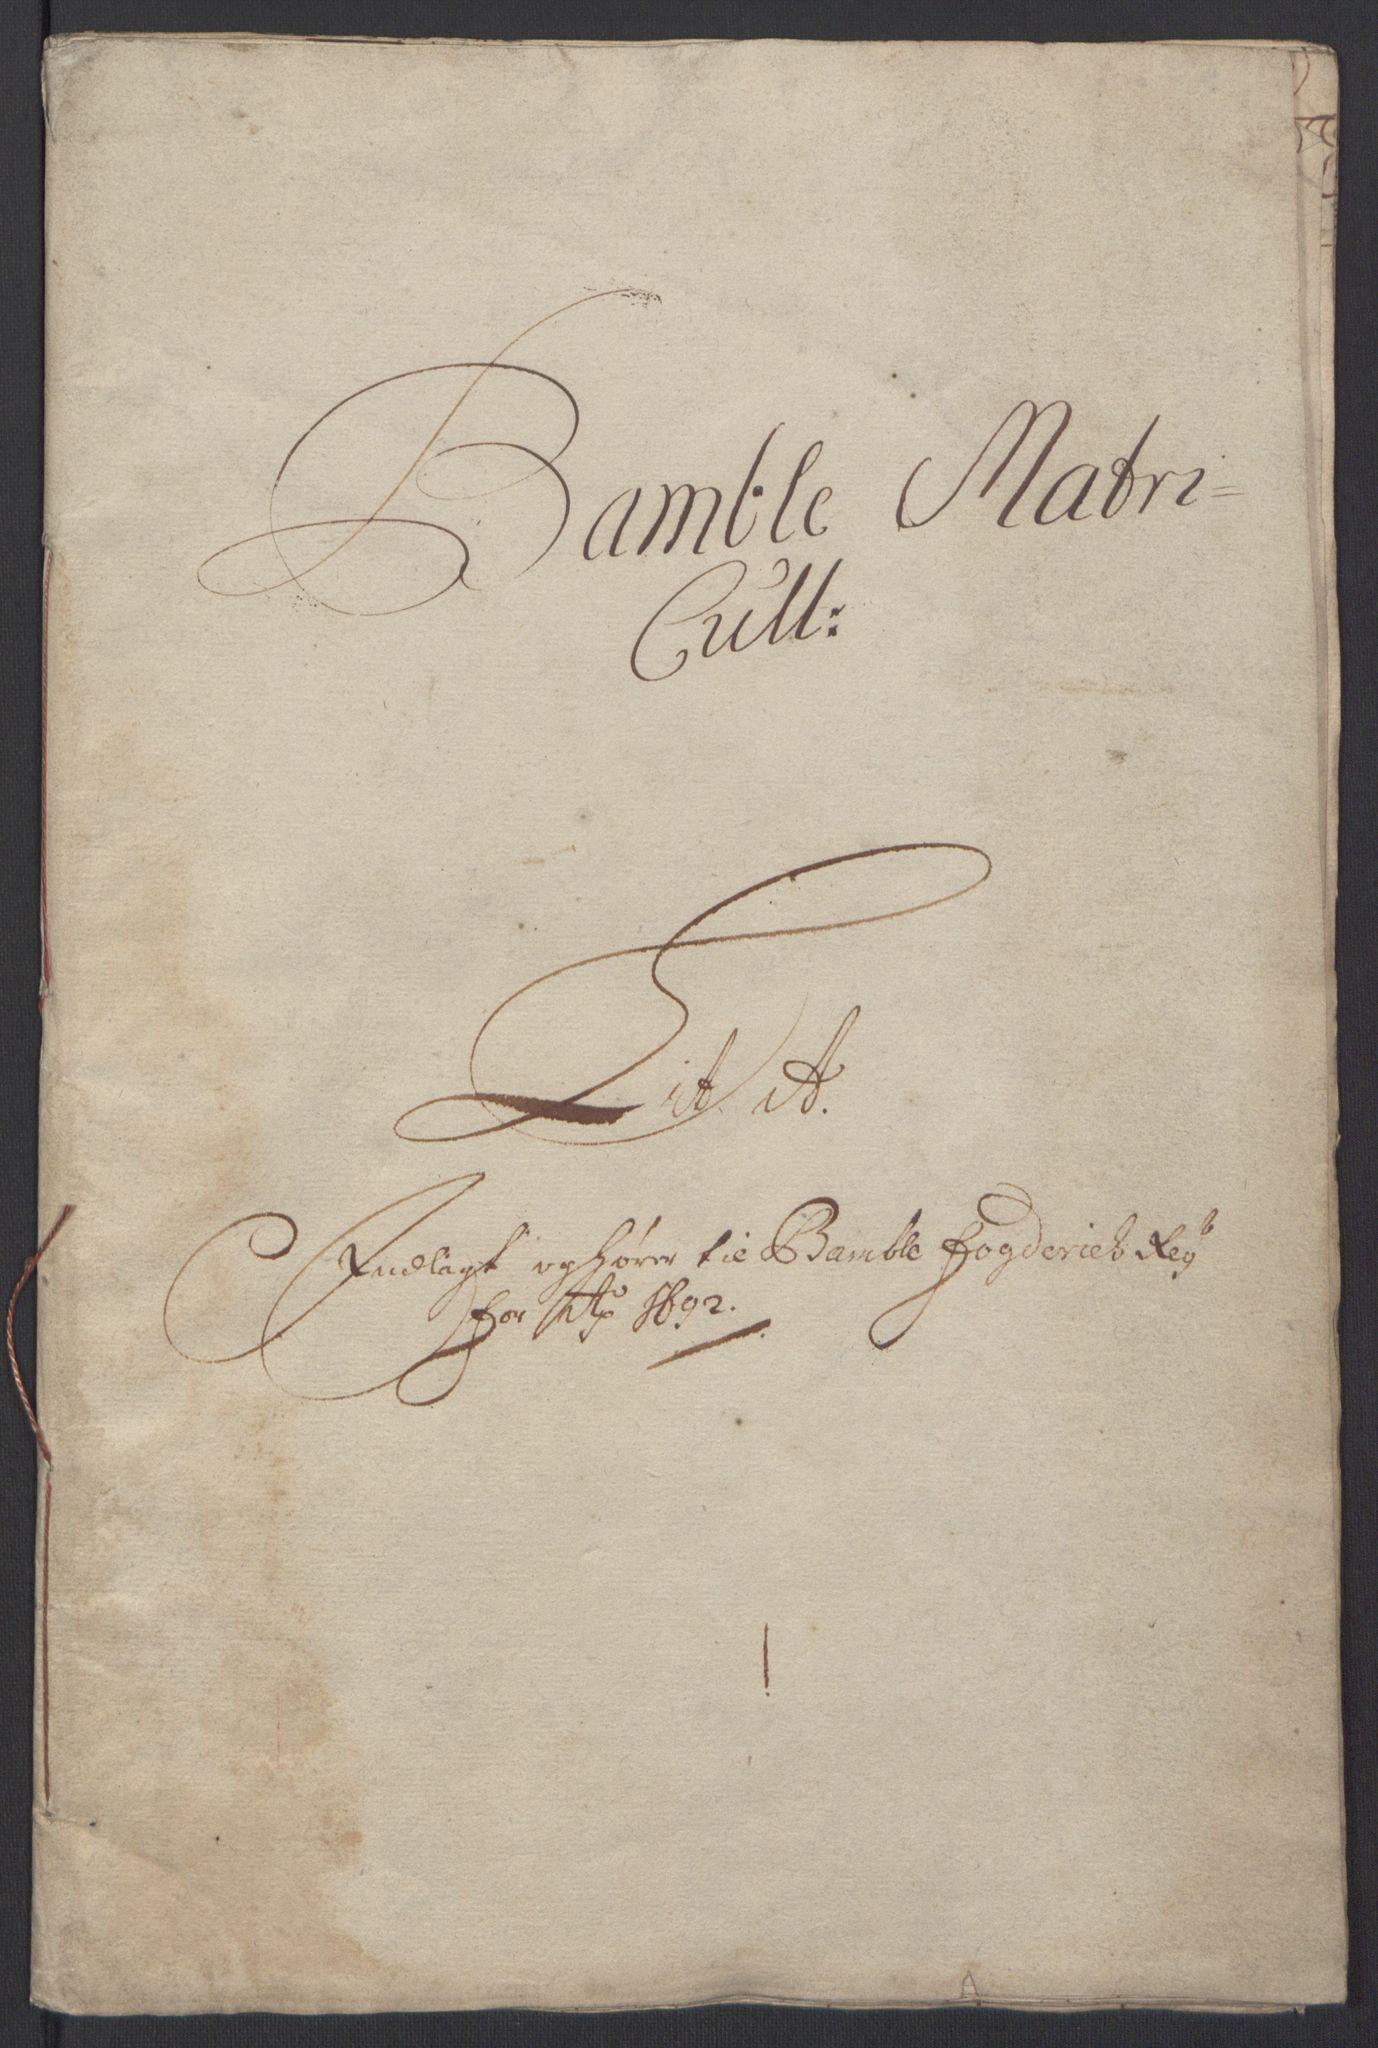 RA, Rentekammeret inntil 1814, Reviderte regnskaper, Fogderegnskap, R34/L2052: Fogderegnskap Bamble, 1692-1693, s. 9